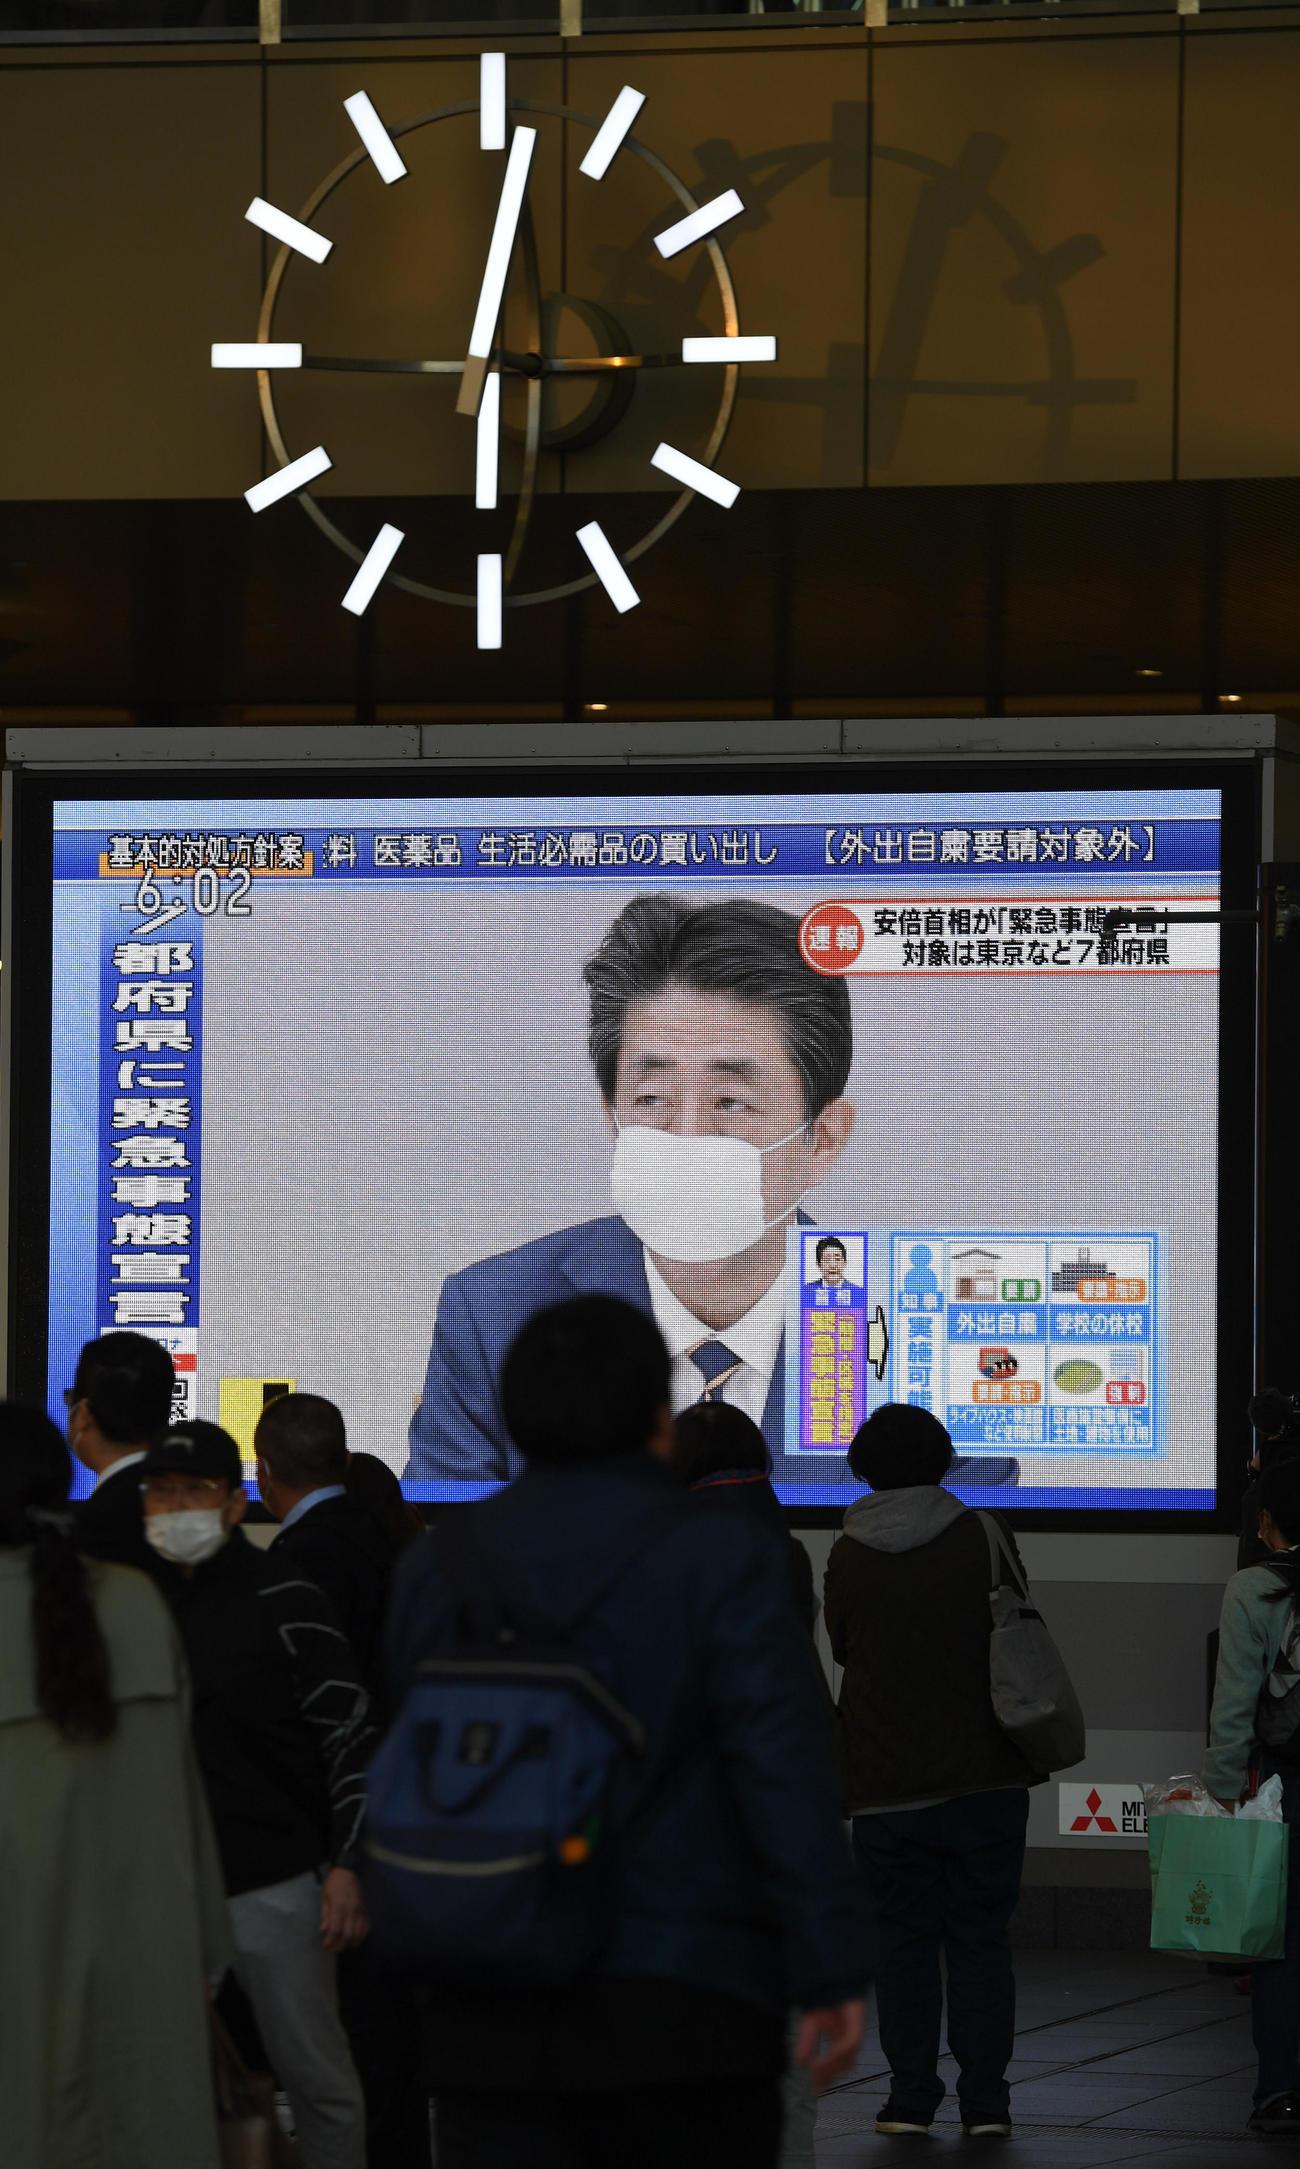 安倍首相の緊急事態宣言発令を伝えるニュースを足を止めてみる人々(撮影・前岡正明)